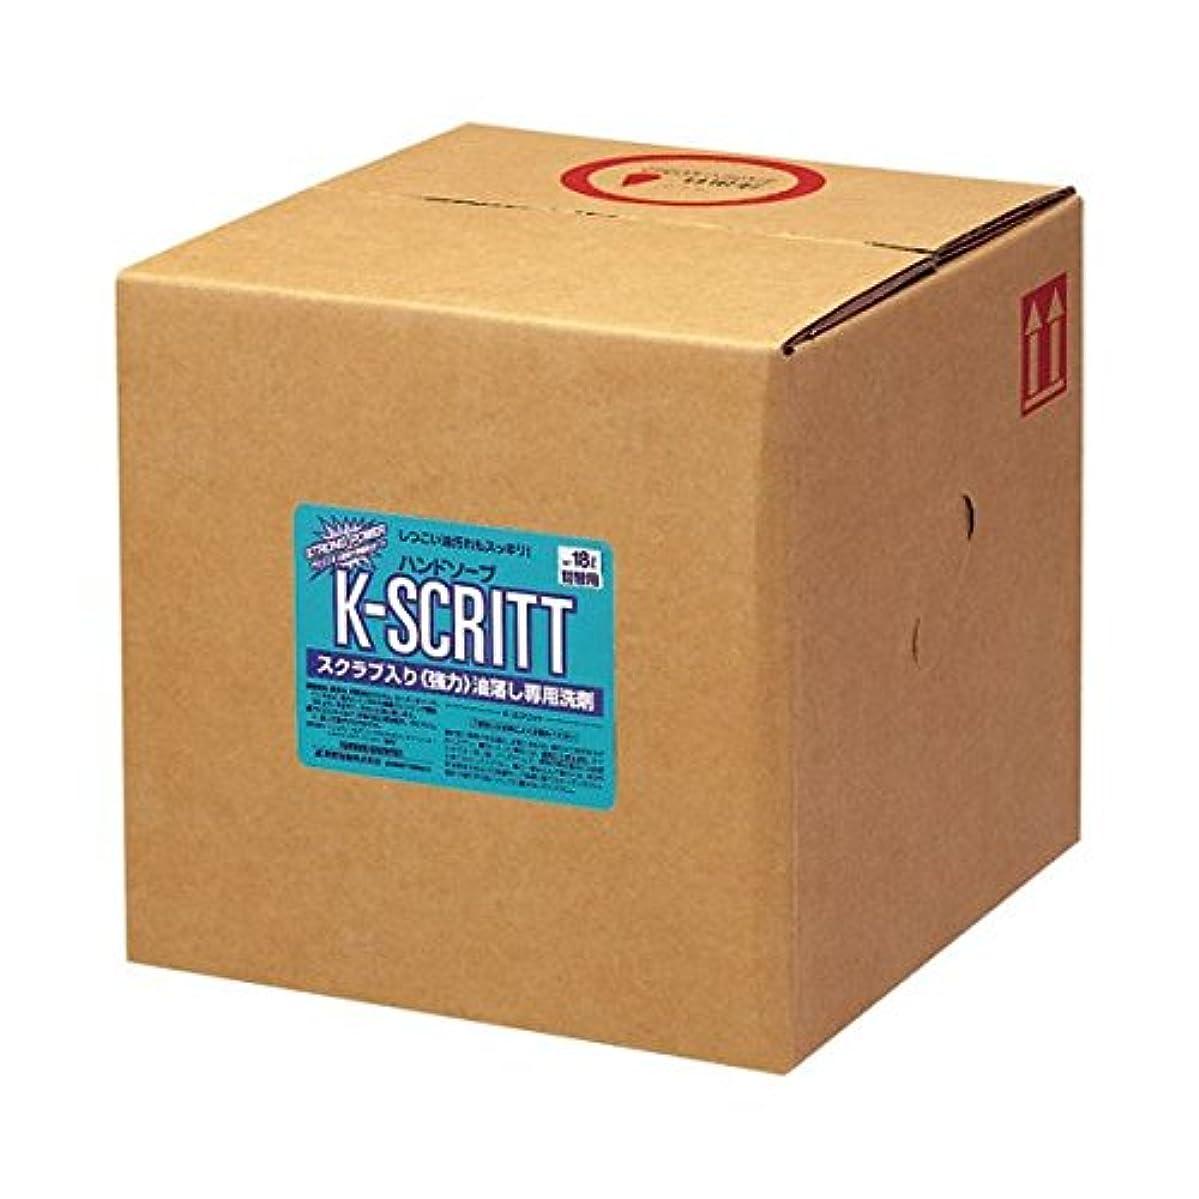 してはいけない骨折かまど熊野油脂 K-スクリット ハンドソープ 詰替用 18L ds-1825966